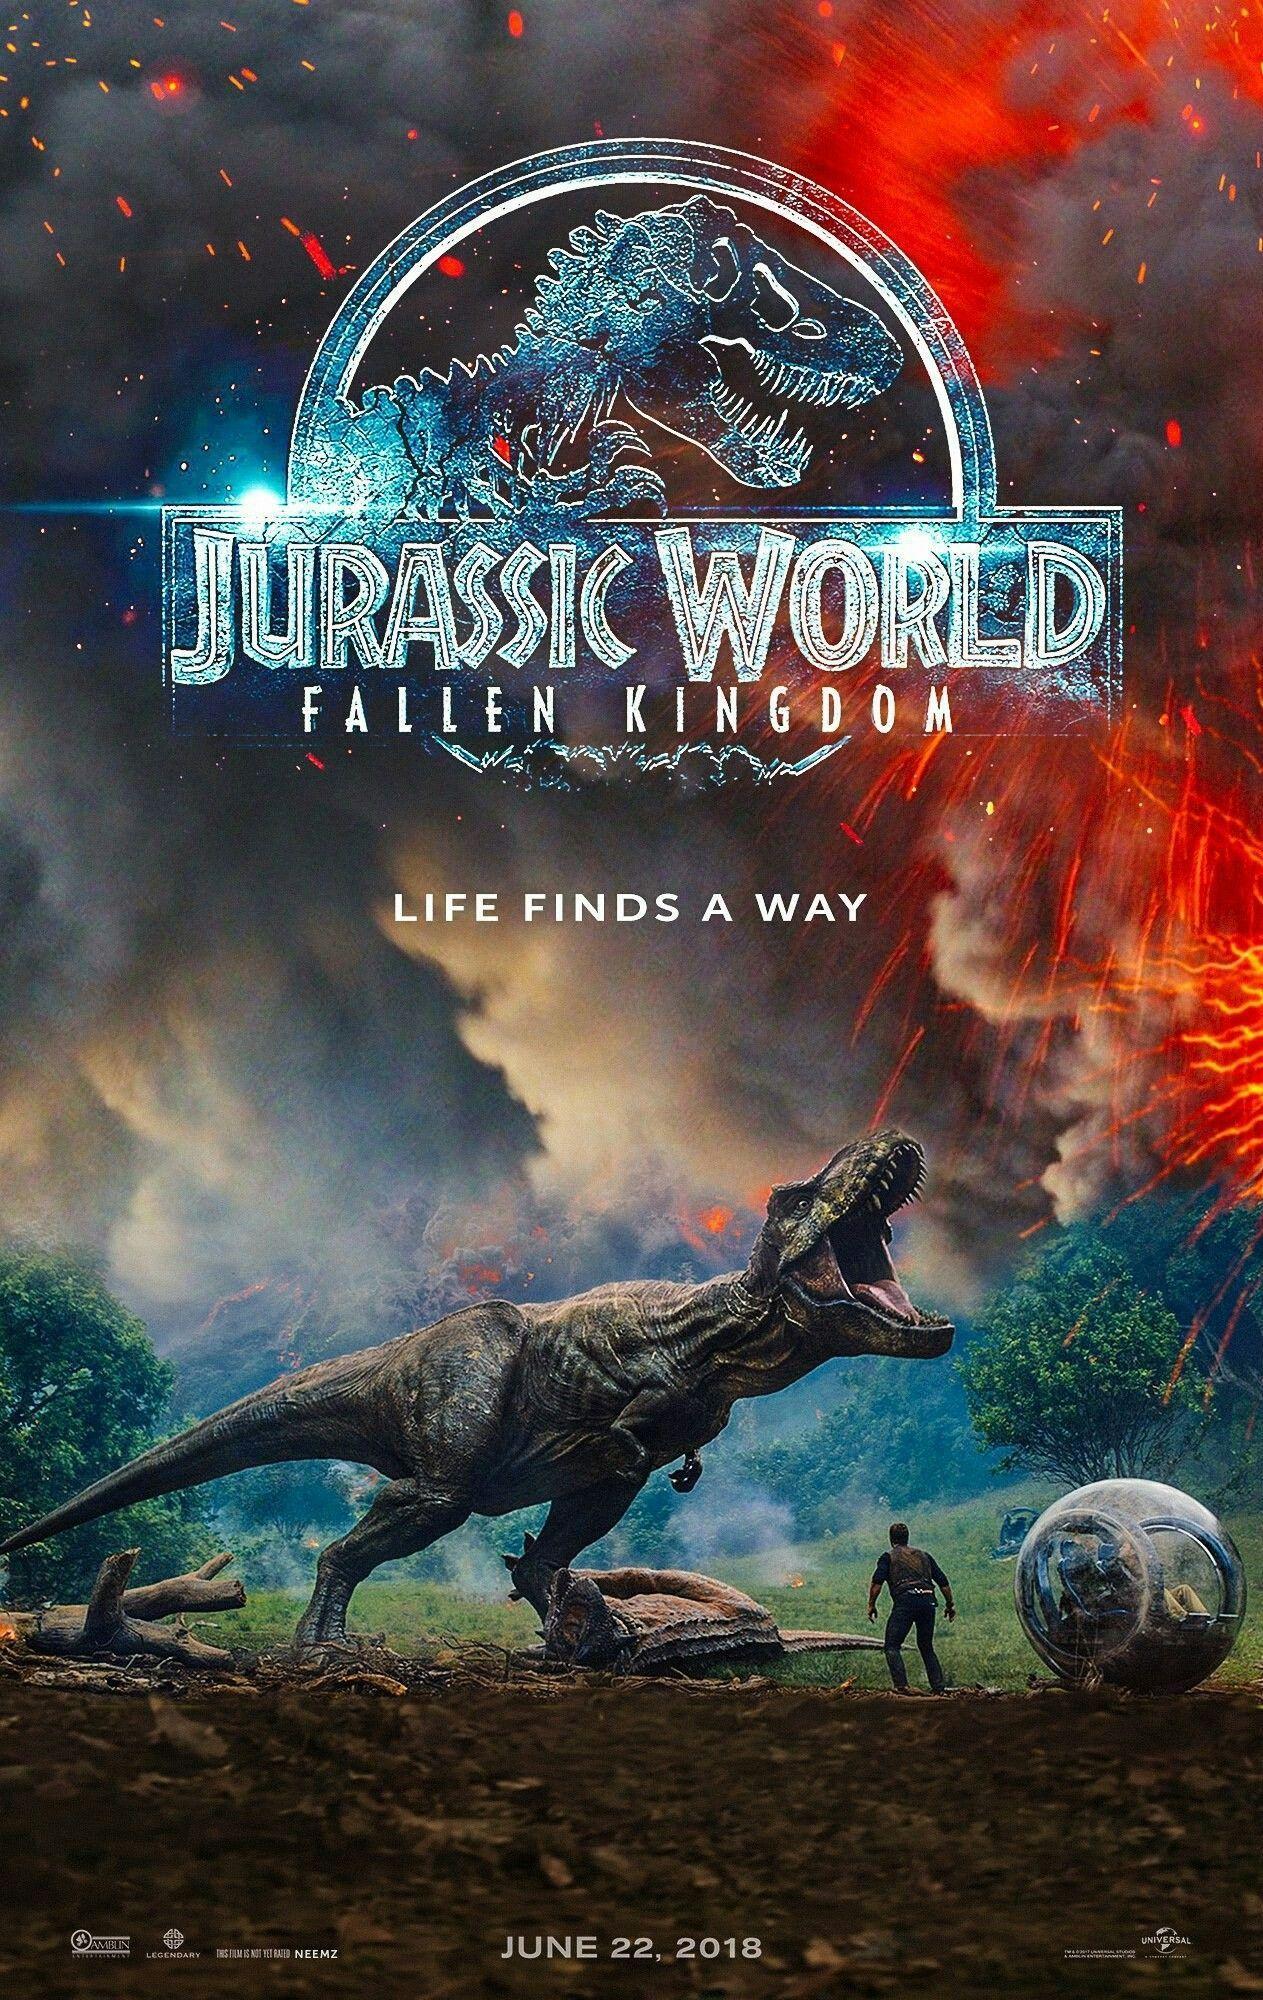 Jurassic World 2 El Reino Caido 2018 Jurassic World Película Completa Jurassic World Peliculas De Terror